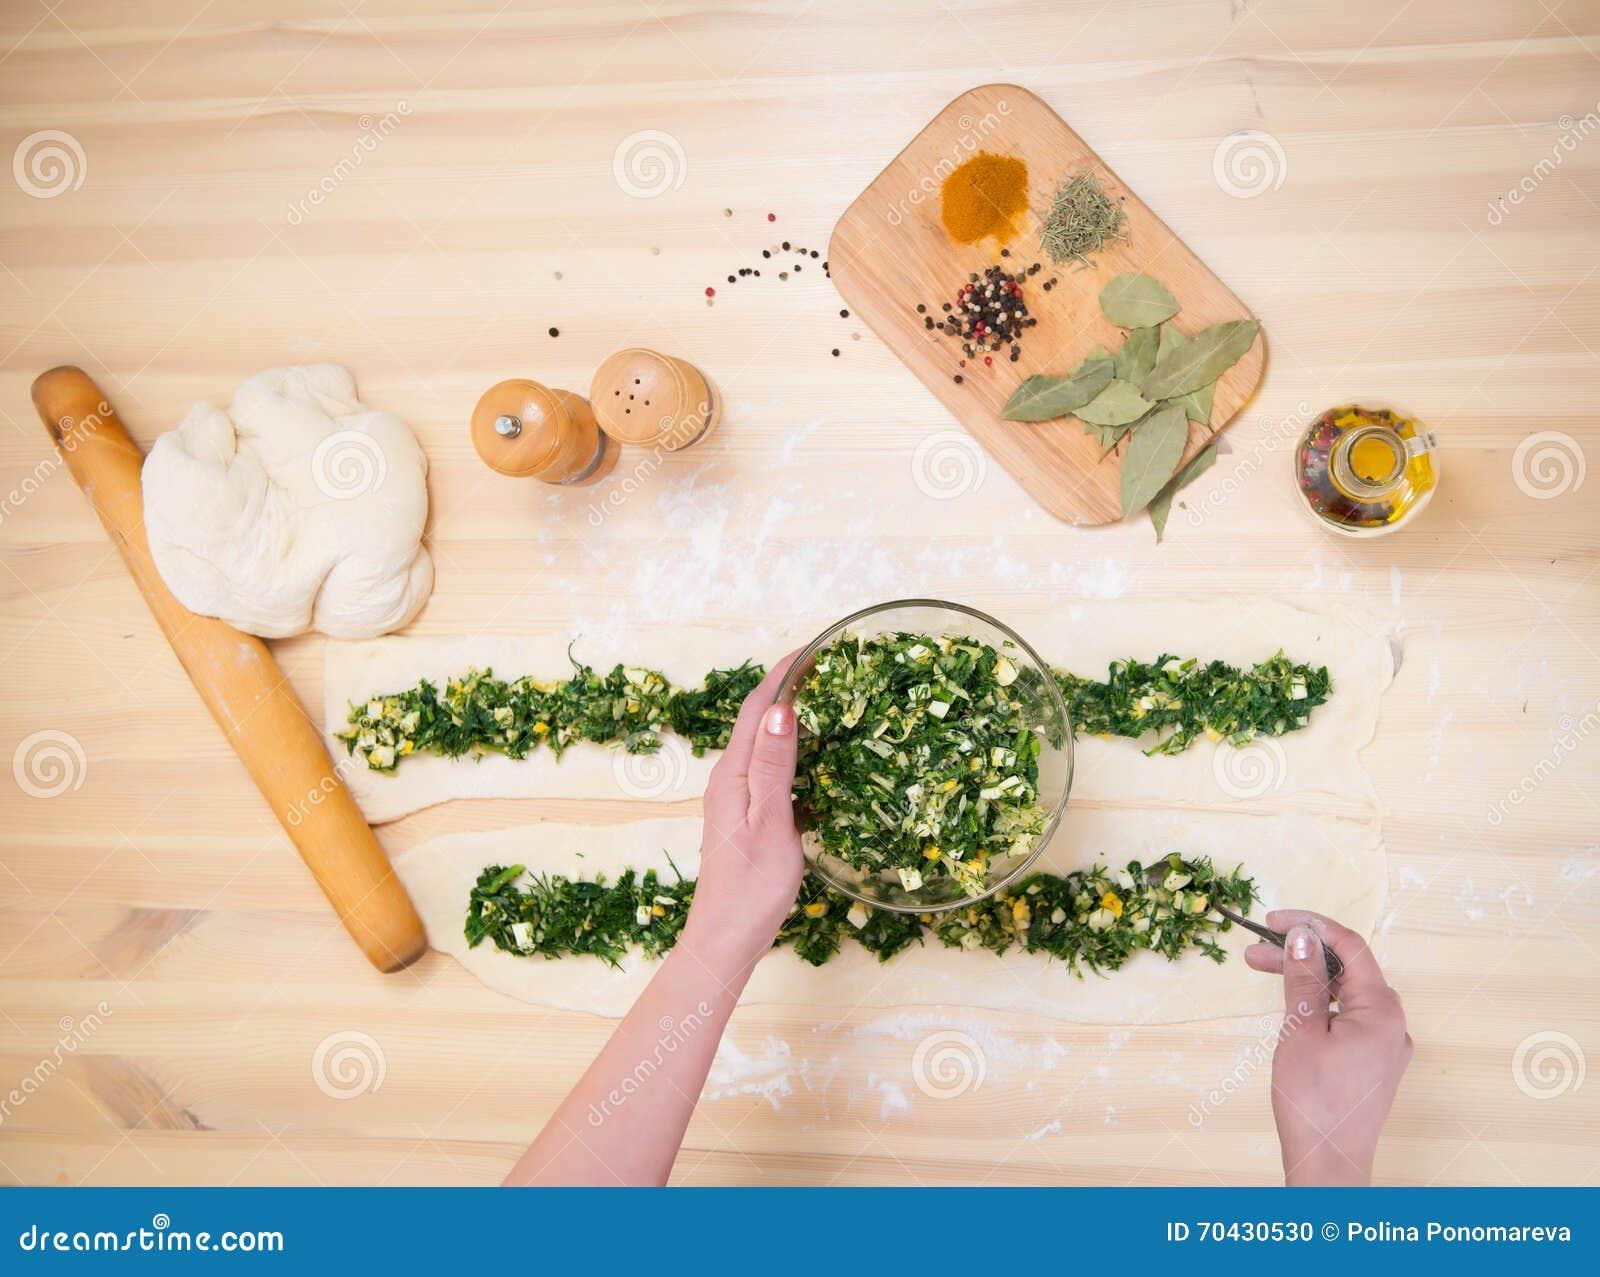 Zubereitung der Torte mit Spinat und Feta, Lebensmittel kochen Beschneidungspfad eingeschlossen